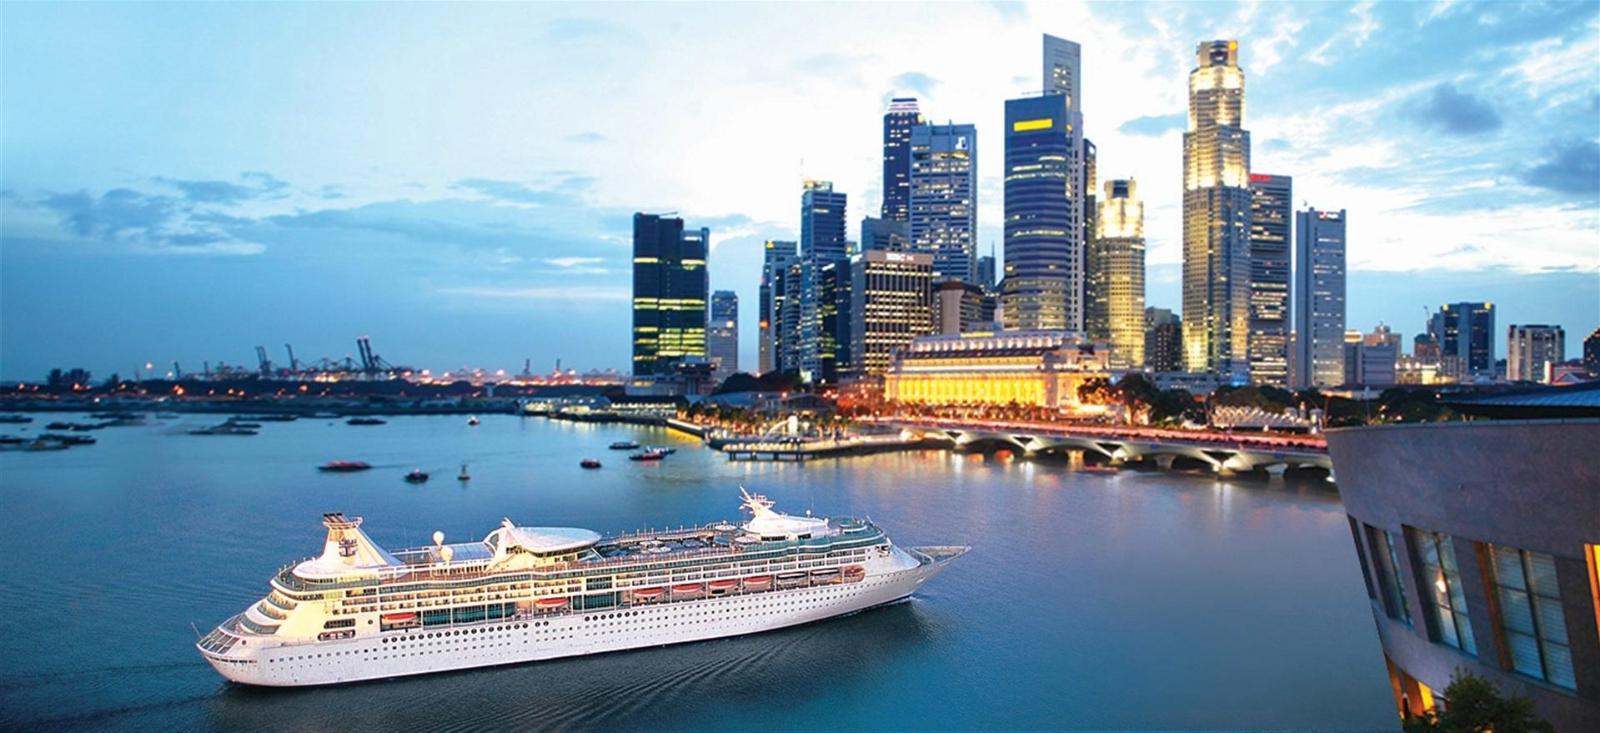 کشتی در مالزی